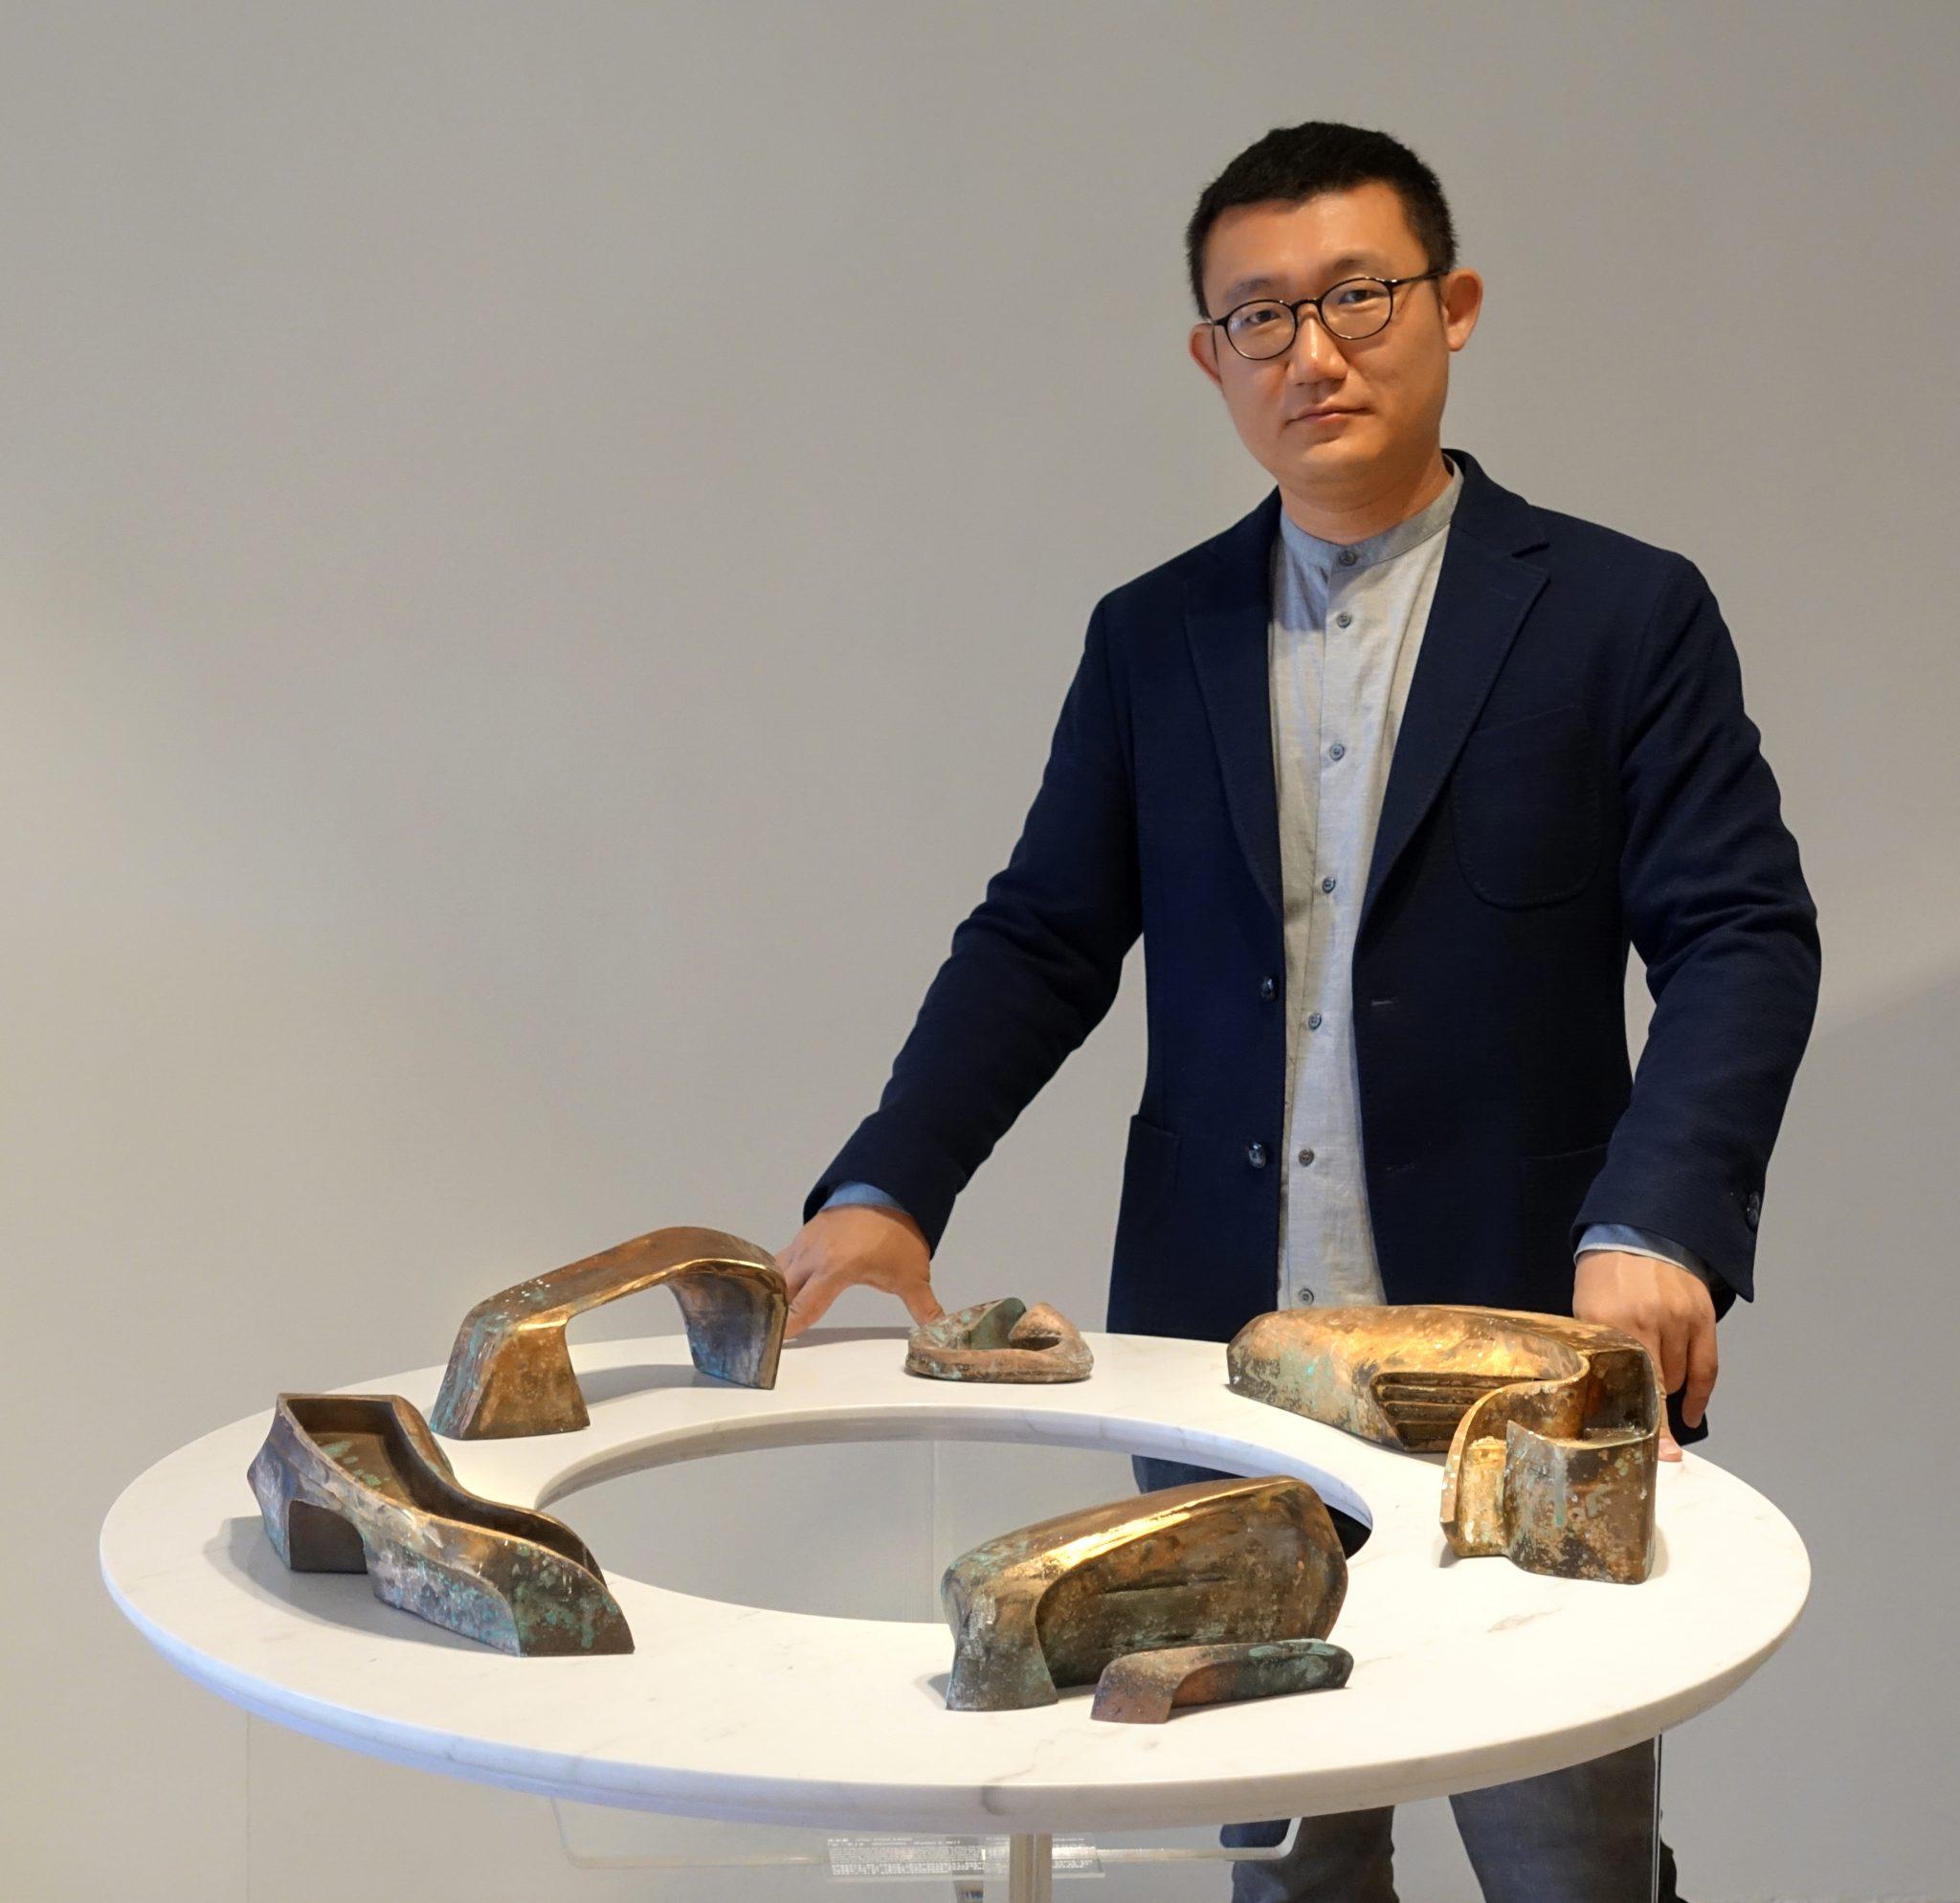 Chu Chih-Kang and his work